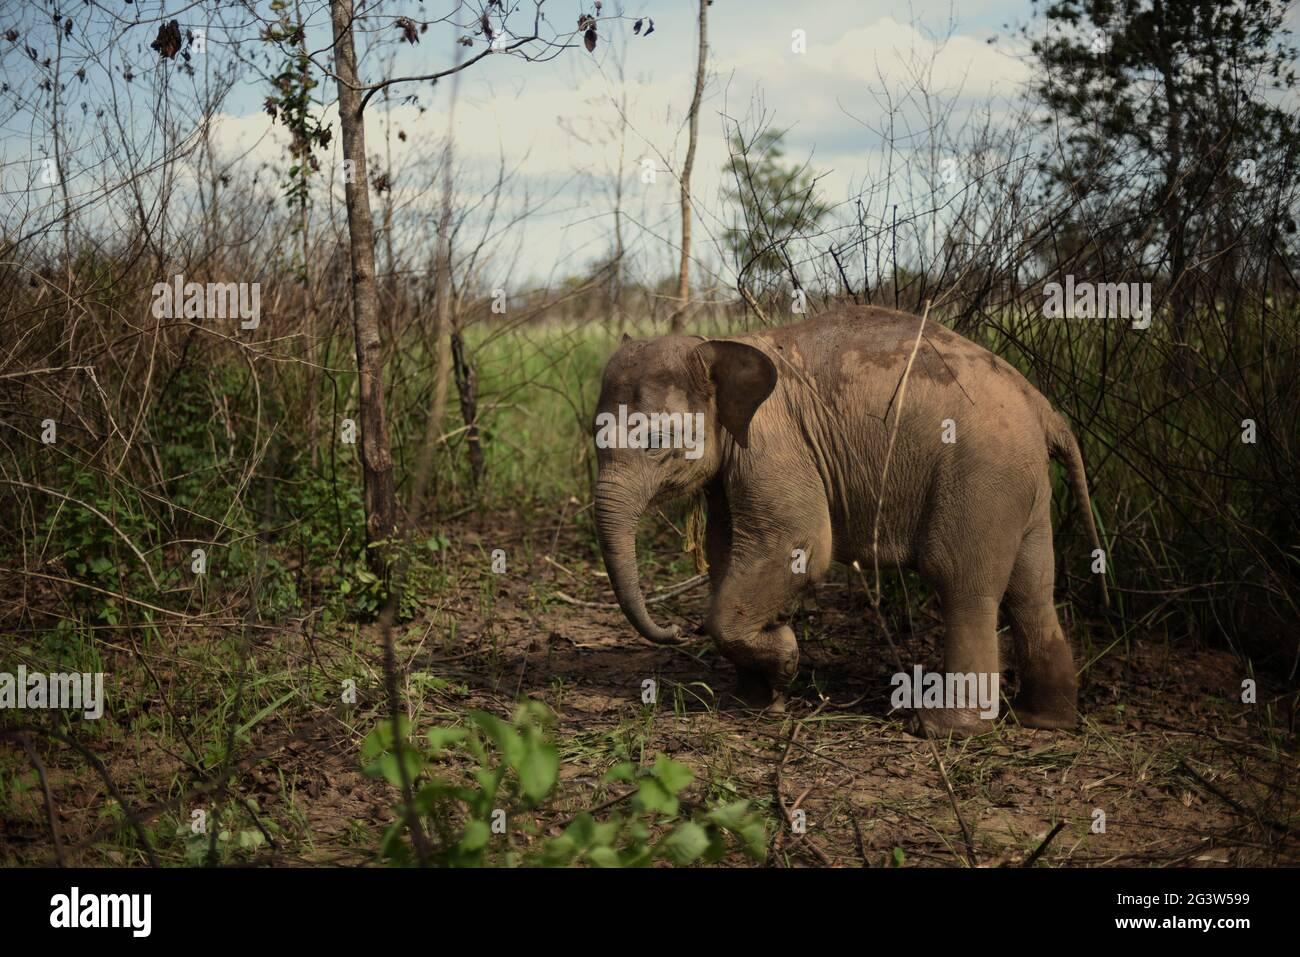 Un bébé éléphant qui est sous le soin de Rebo, un mahout, dans la voie du parc national de Kambas, en Indonésie. Banque D'Images